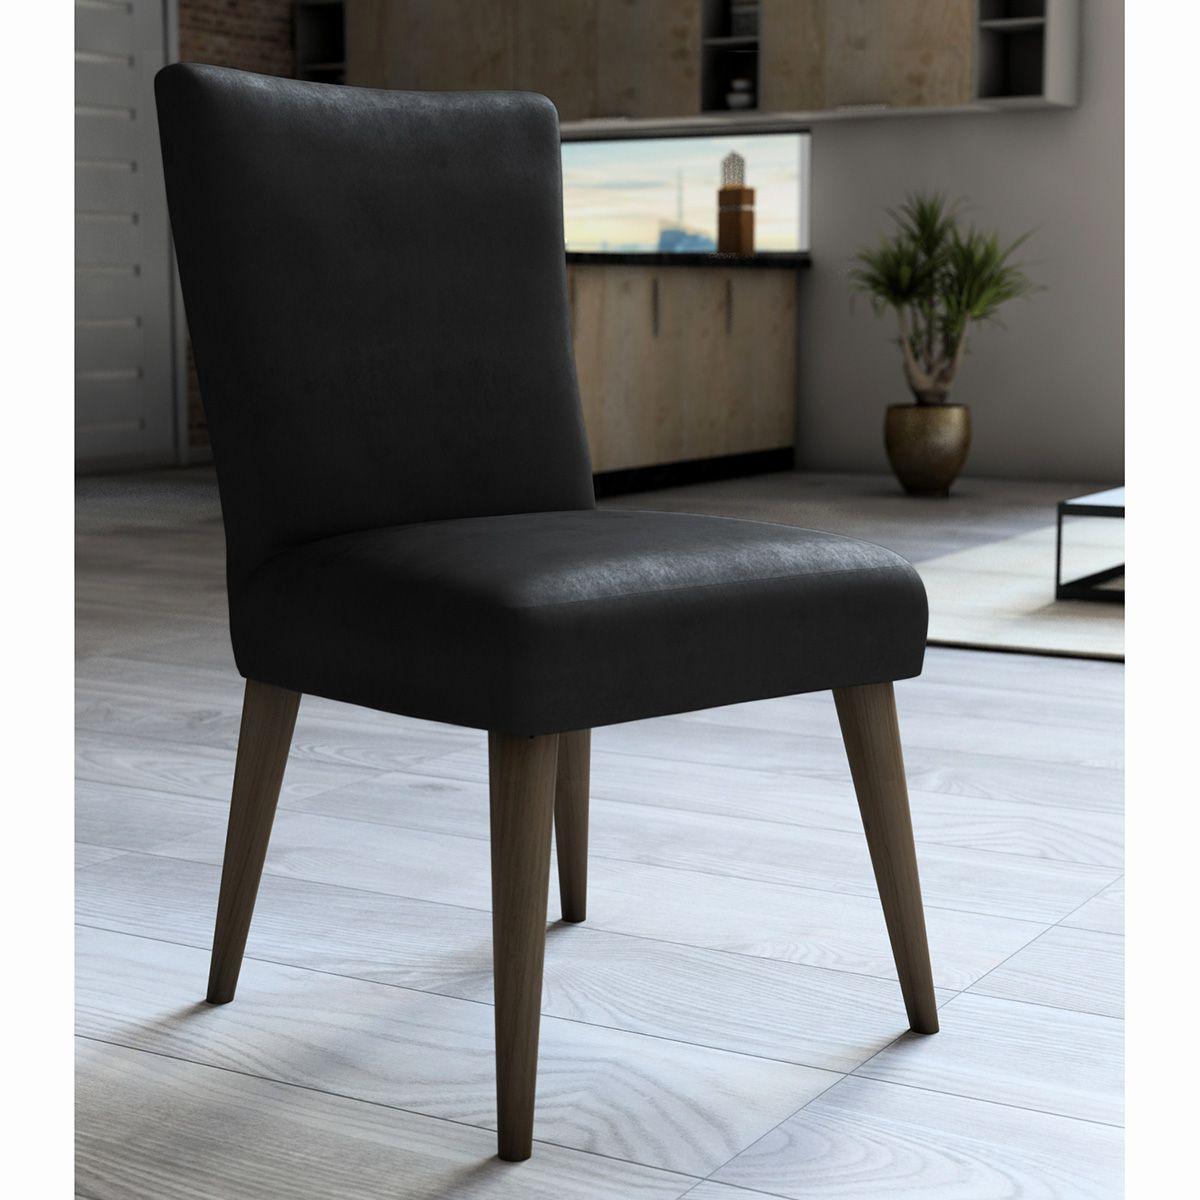 Capa P/ Cadeira - Luxo - Veludo - Preto - Adomes